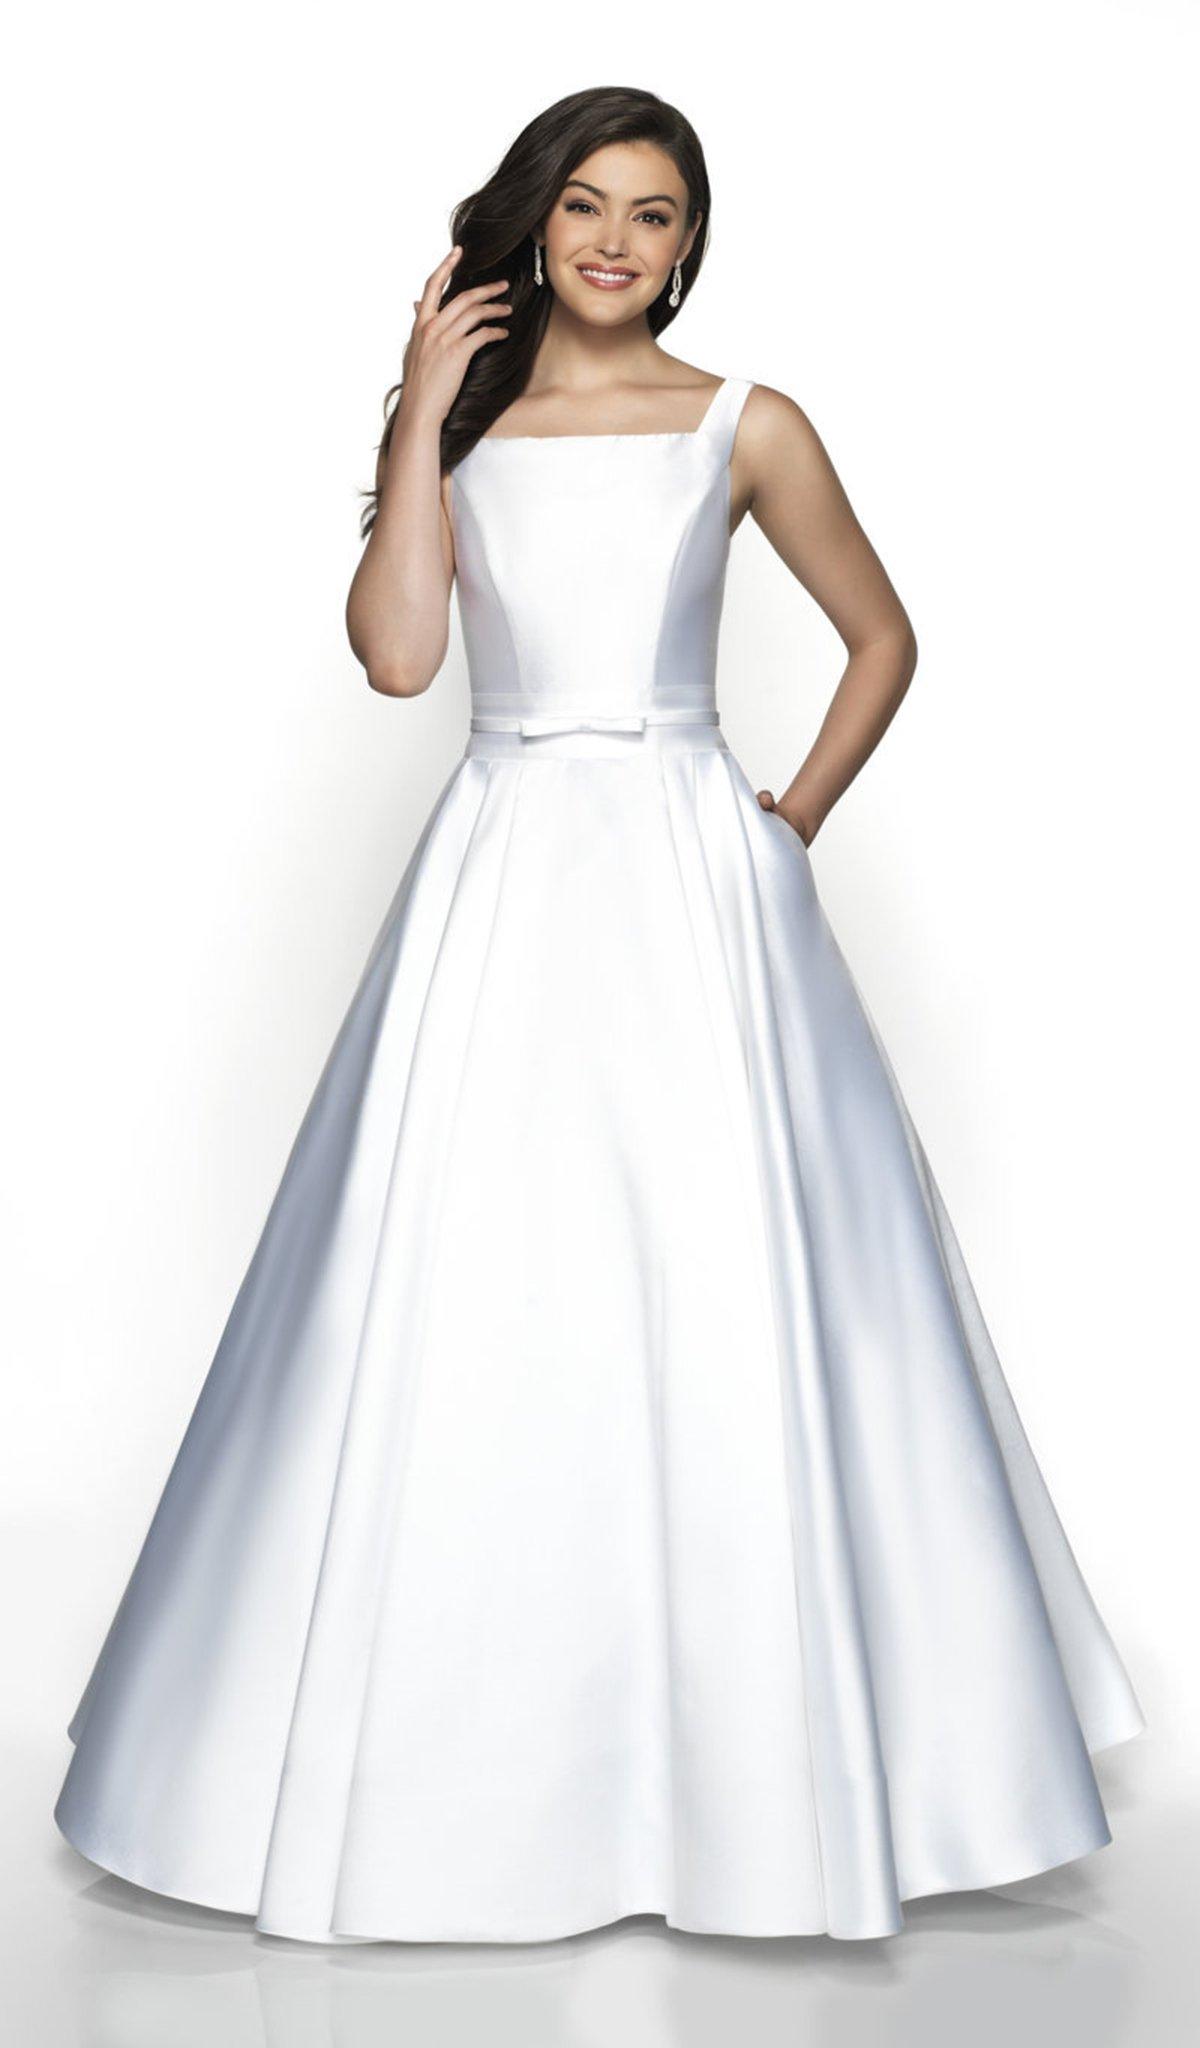 Flair Prom - 19018 Square Neck Sleeveless Mikado A-Line Prom Dress